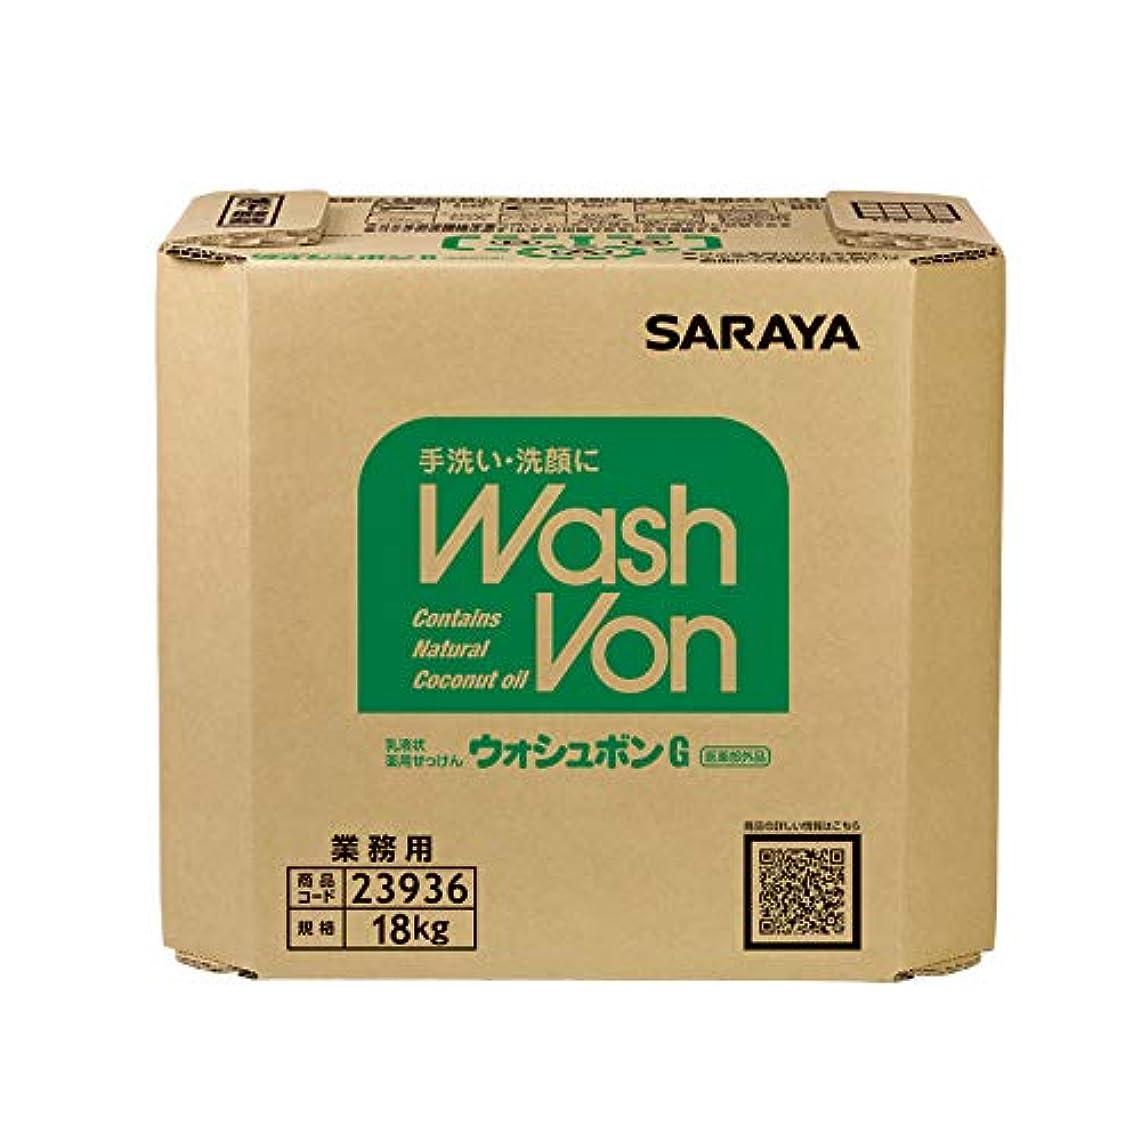 冷凍庫伝導教会サラヤ ウォシュボン G 18kg 23936 (コック付き)